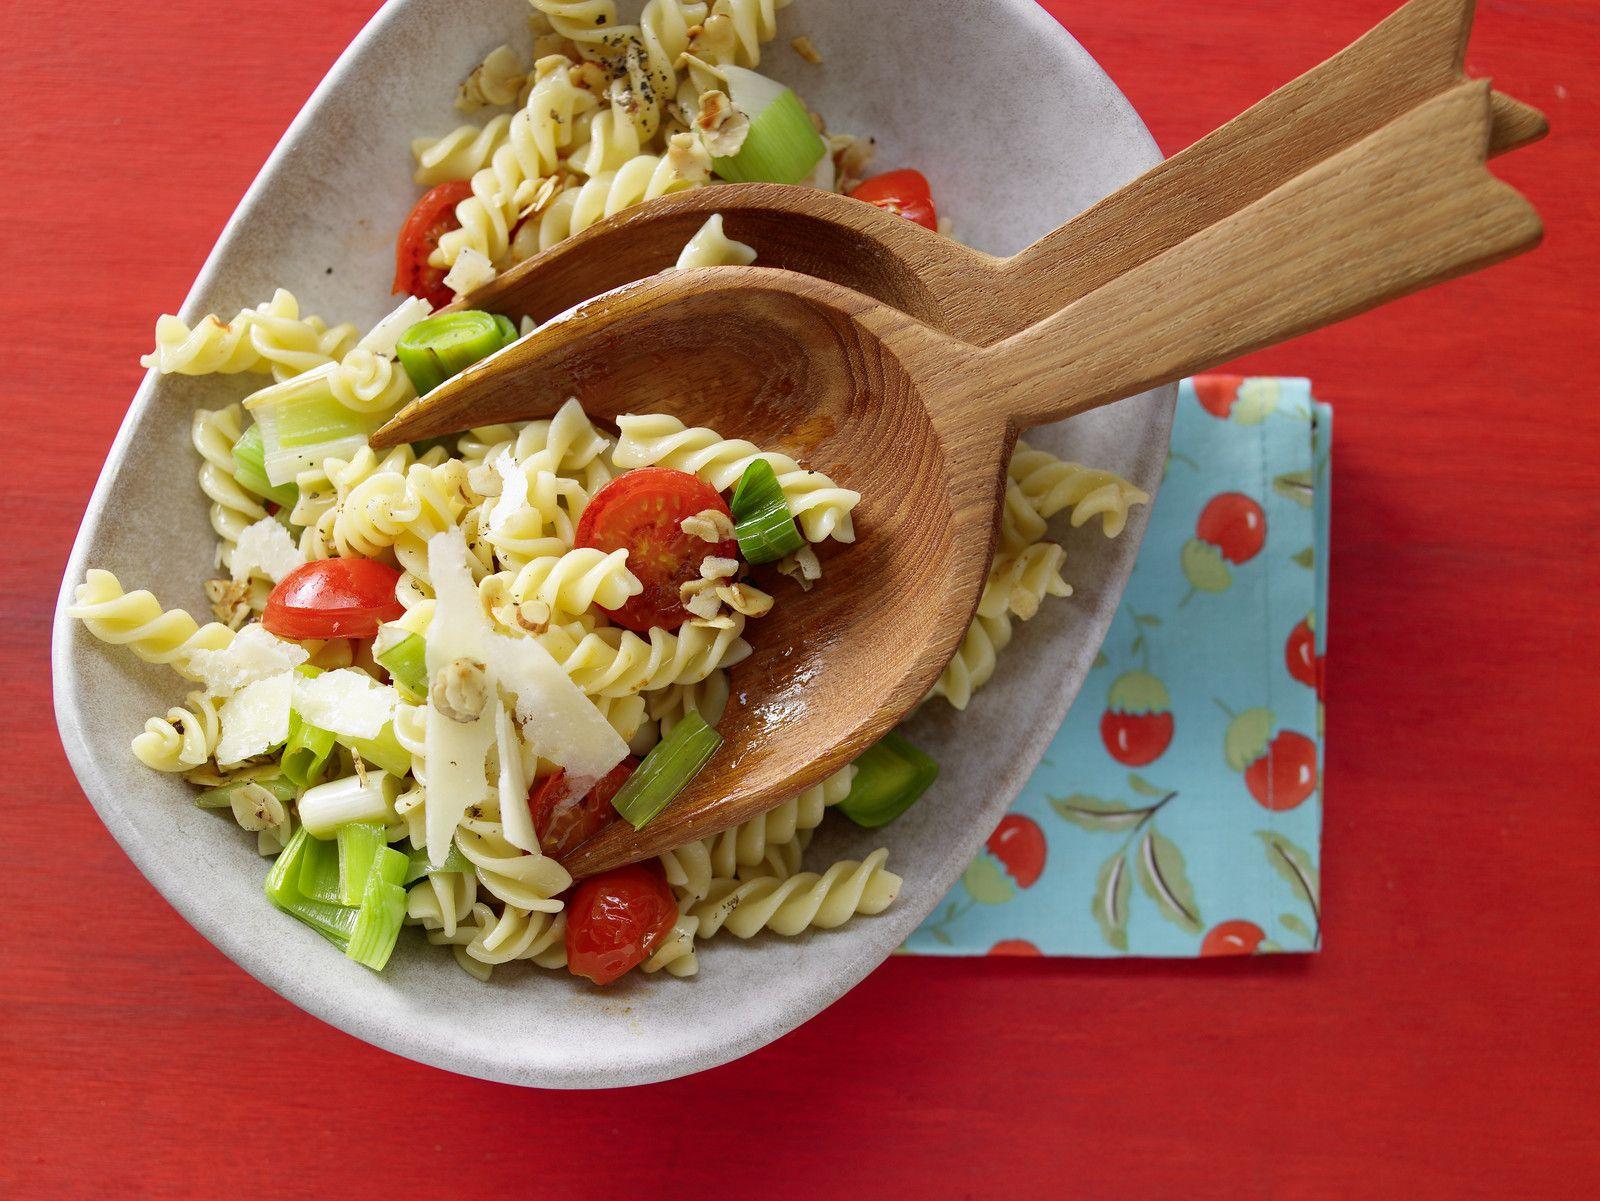 Leichte Küche Einfache Rezepte | Gemüseauflauf Leichte Küche Mit ...